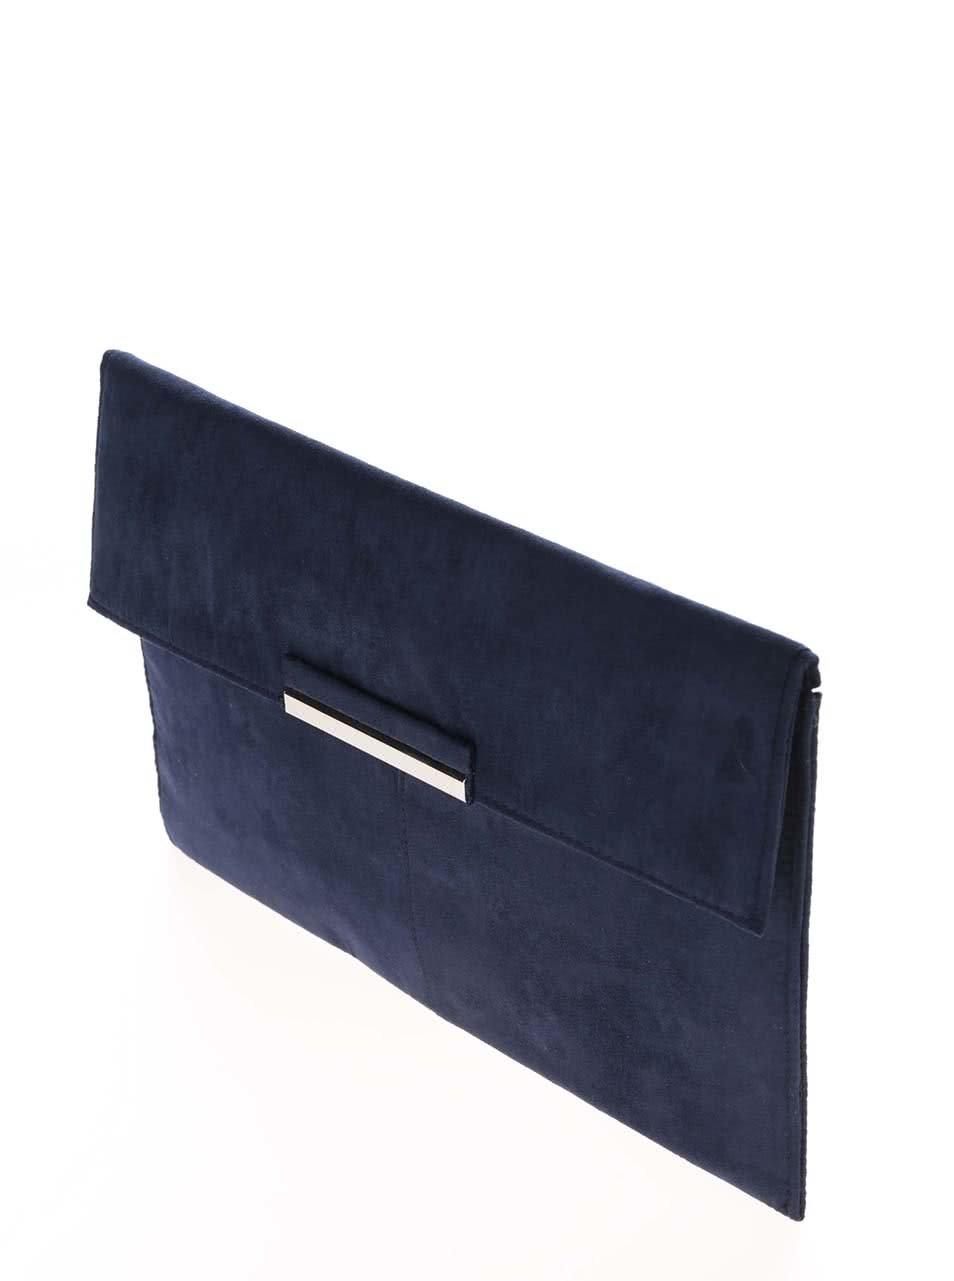 241b19e82c Tmavomodrá listová kabelka v semišovej úprave Dorothy Perkins ...